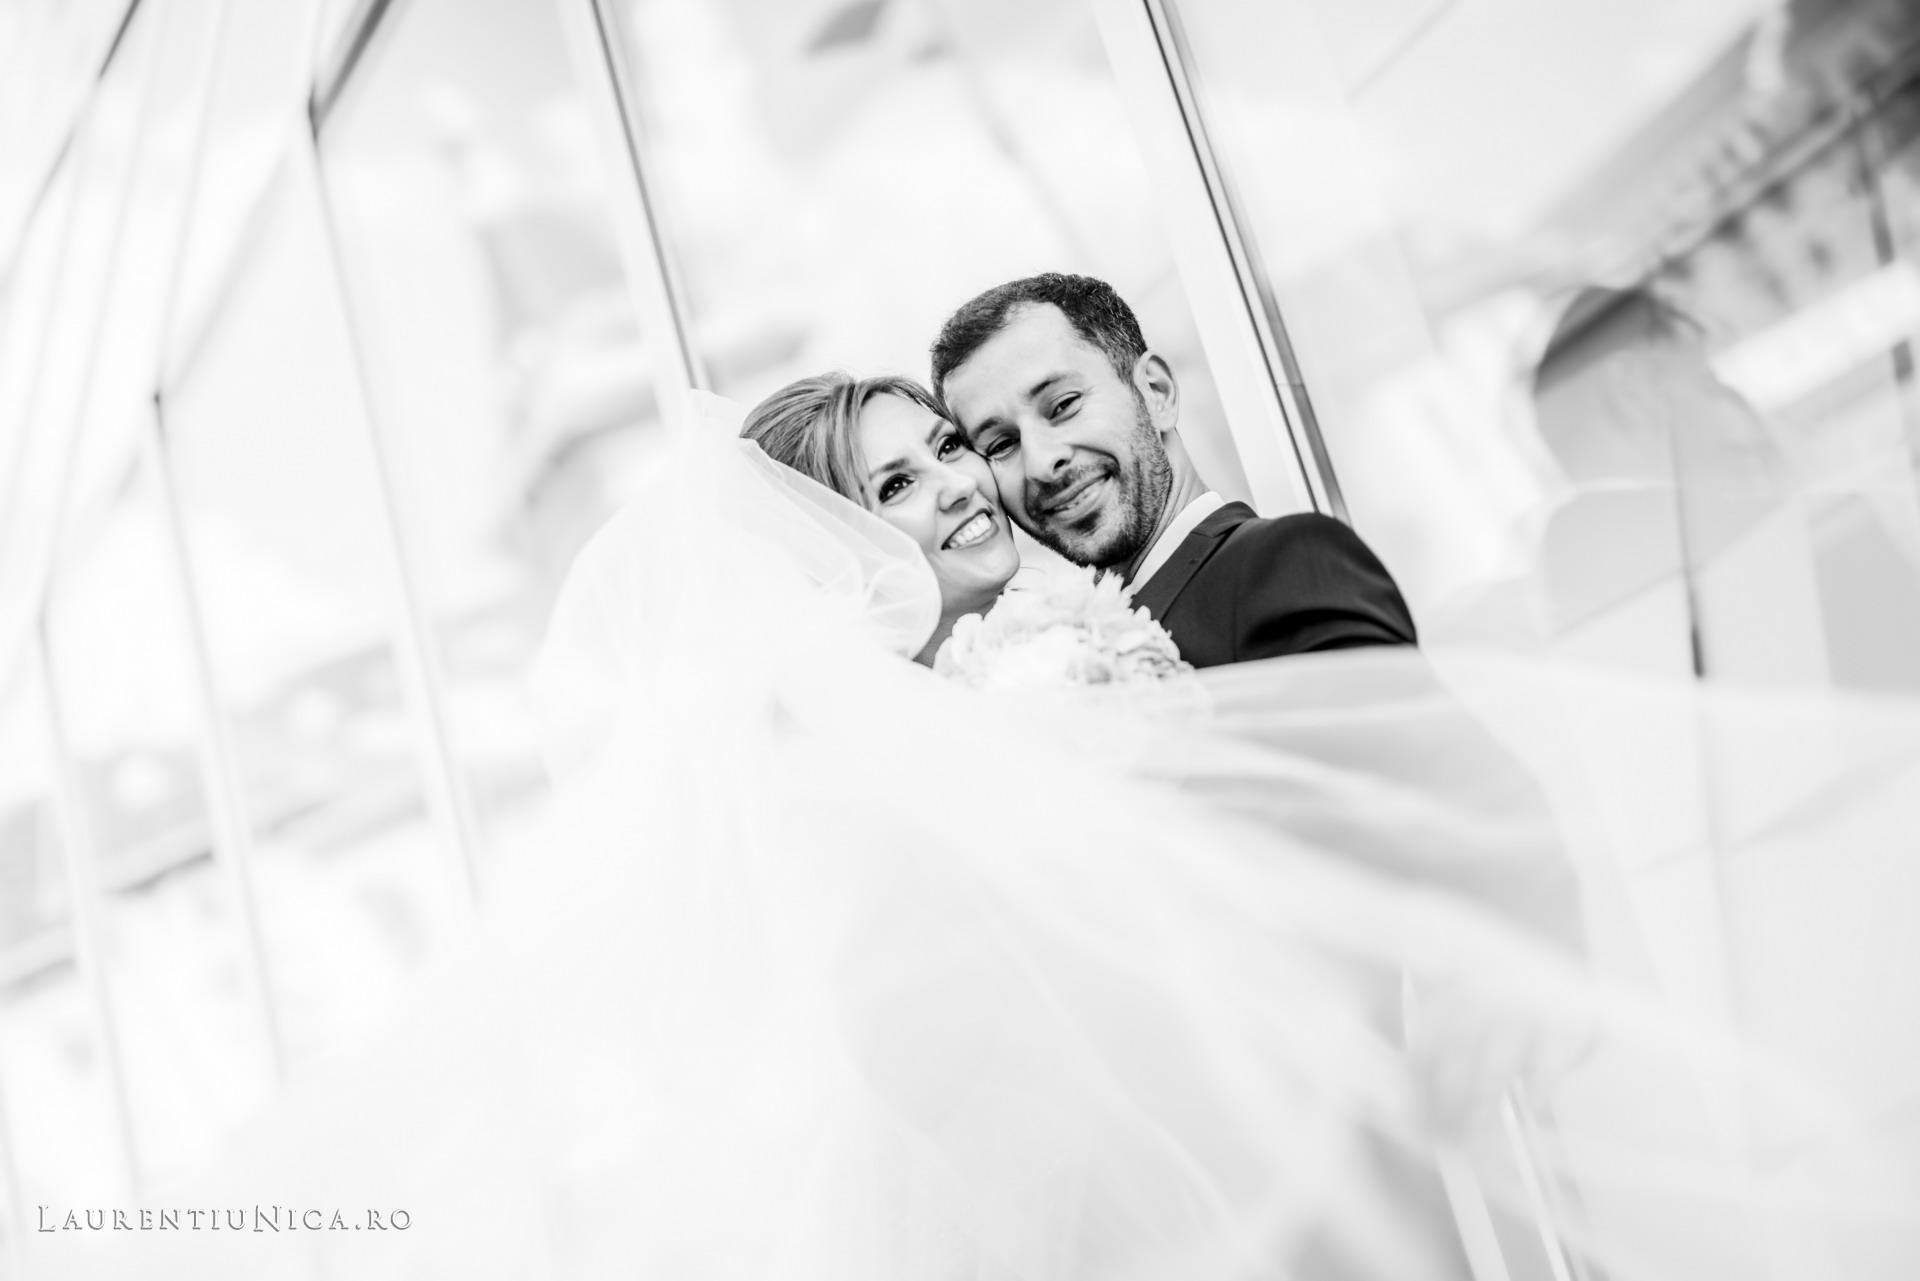 carolina si sorin craiova fotograf nunta laurentiu nica38 - Carolina & Sorin | Fotografii nunta